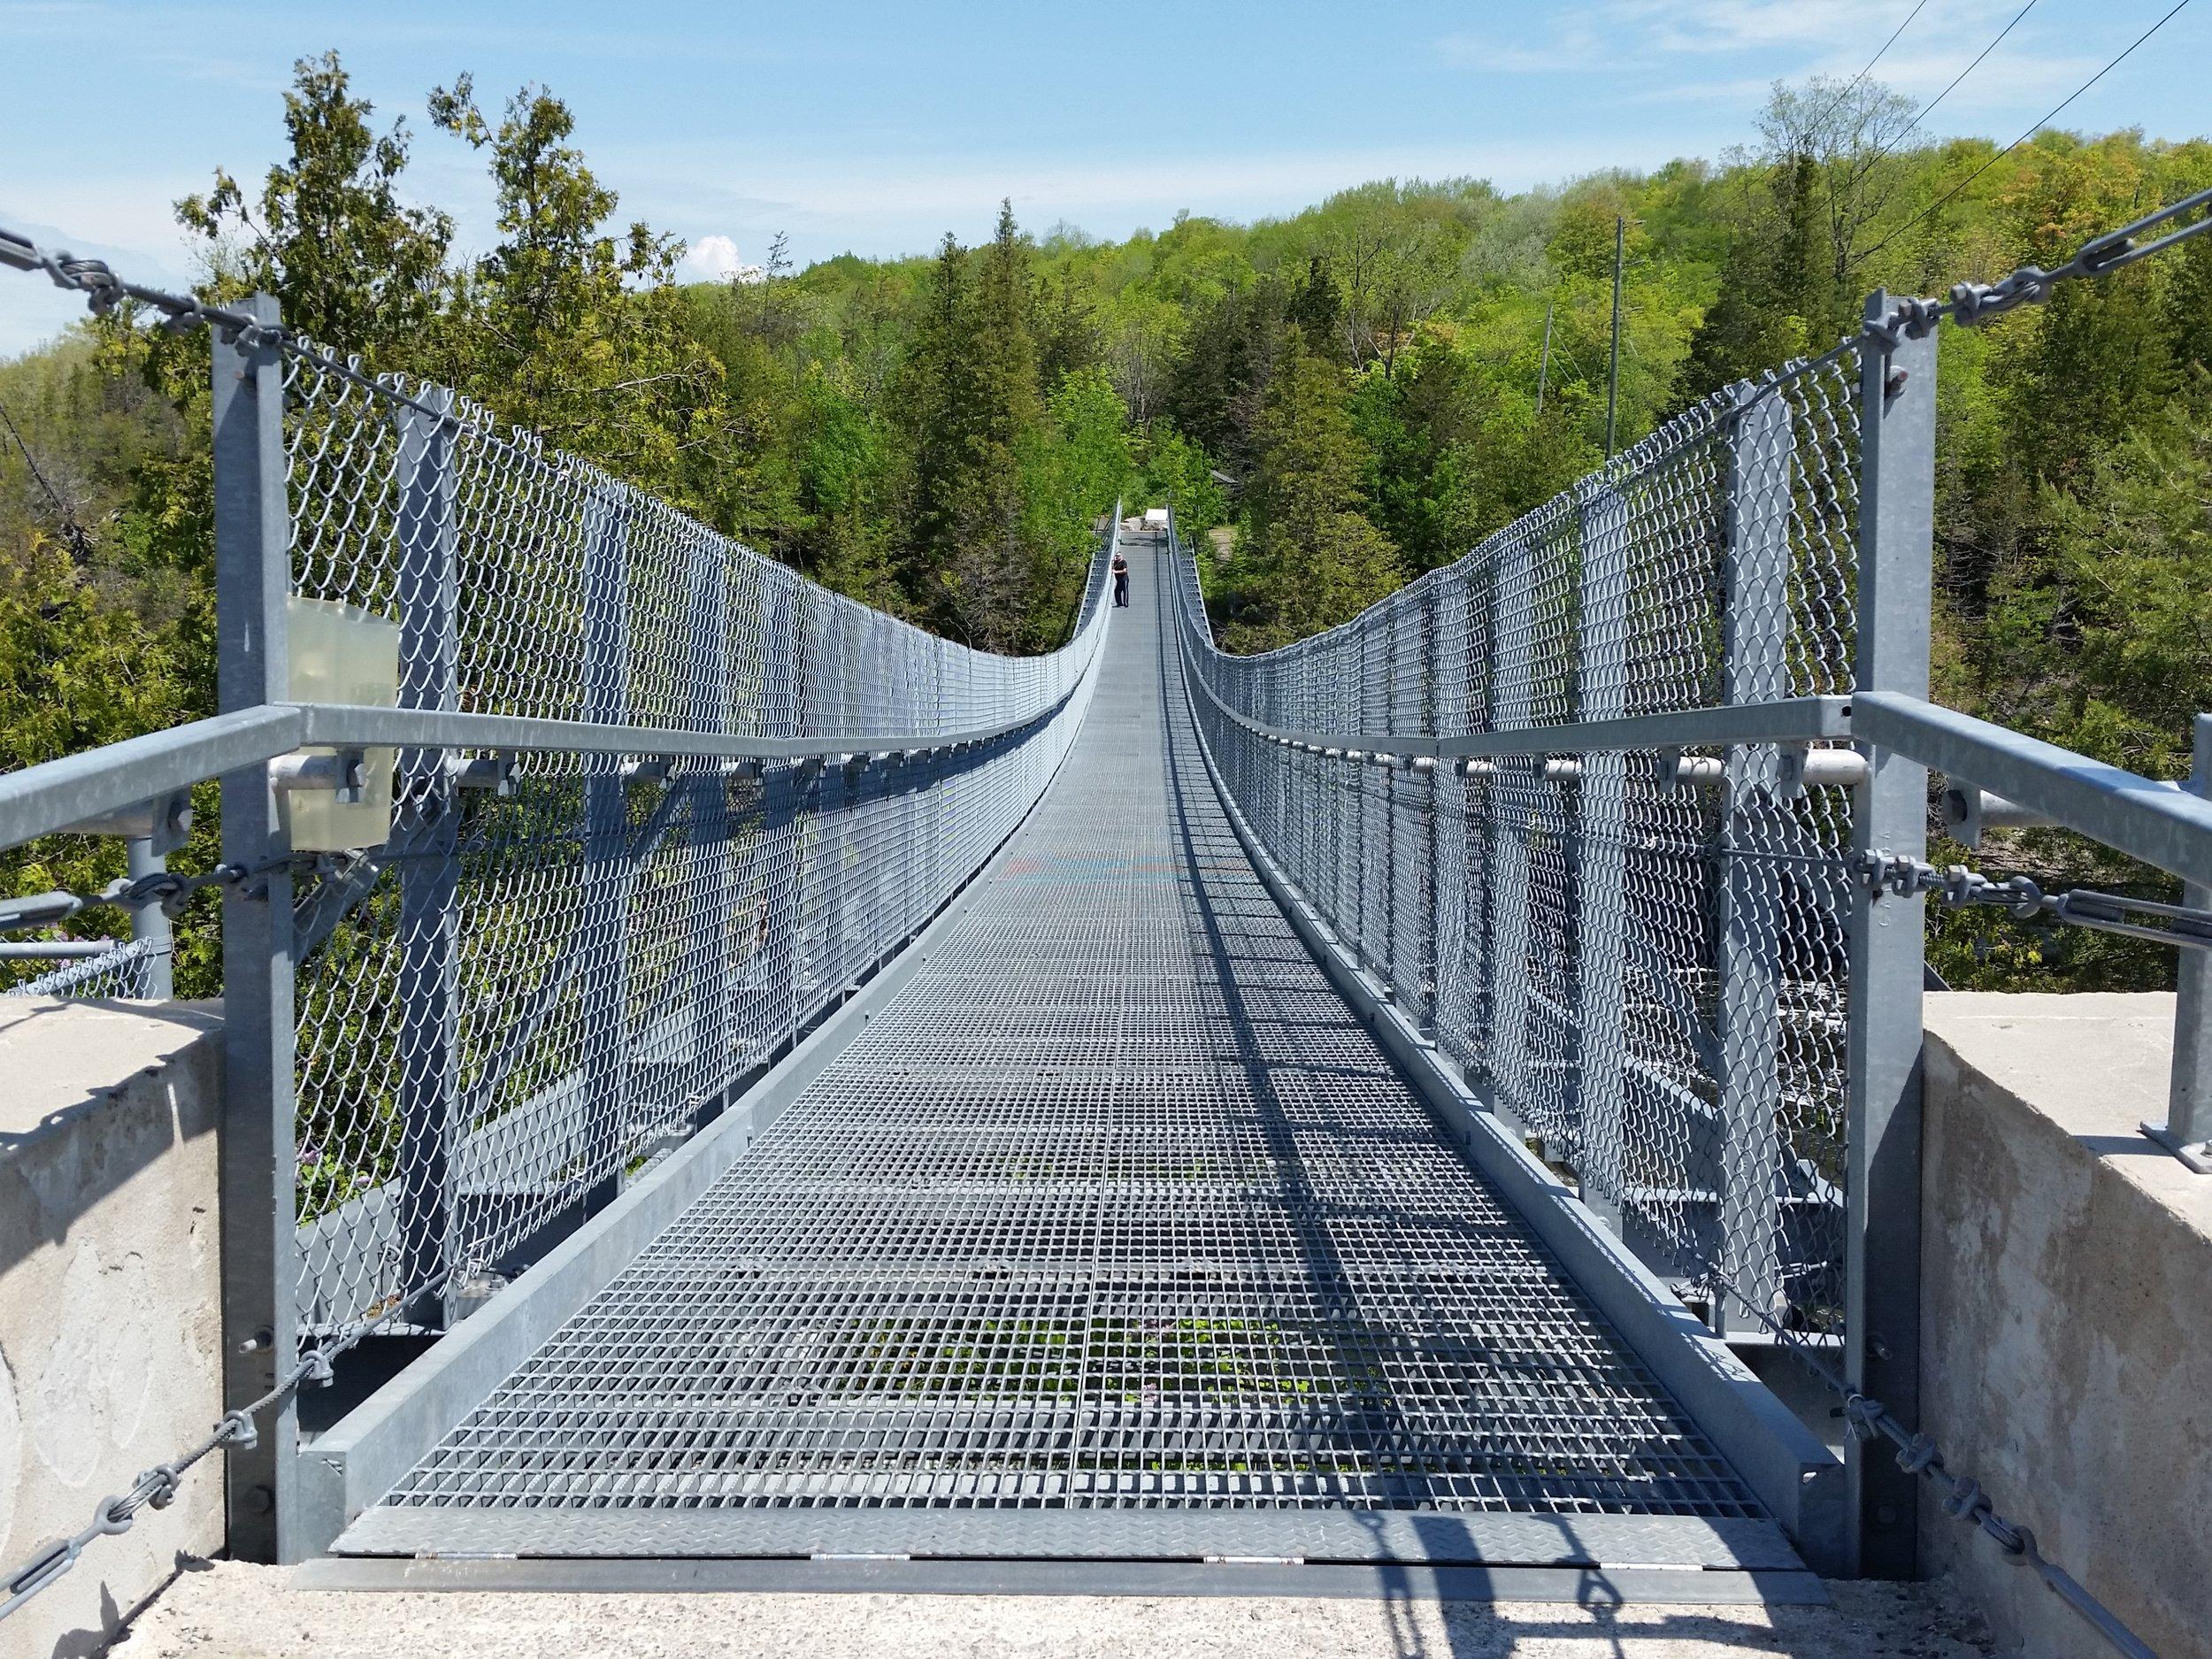 The Ranney Gorge Suspension Bridge